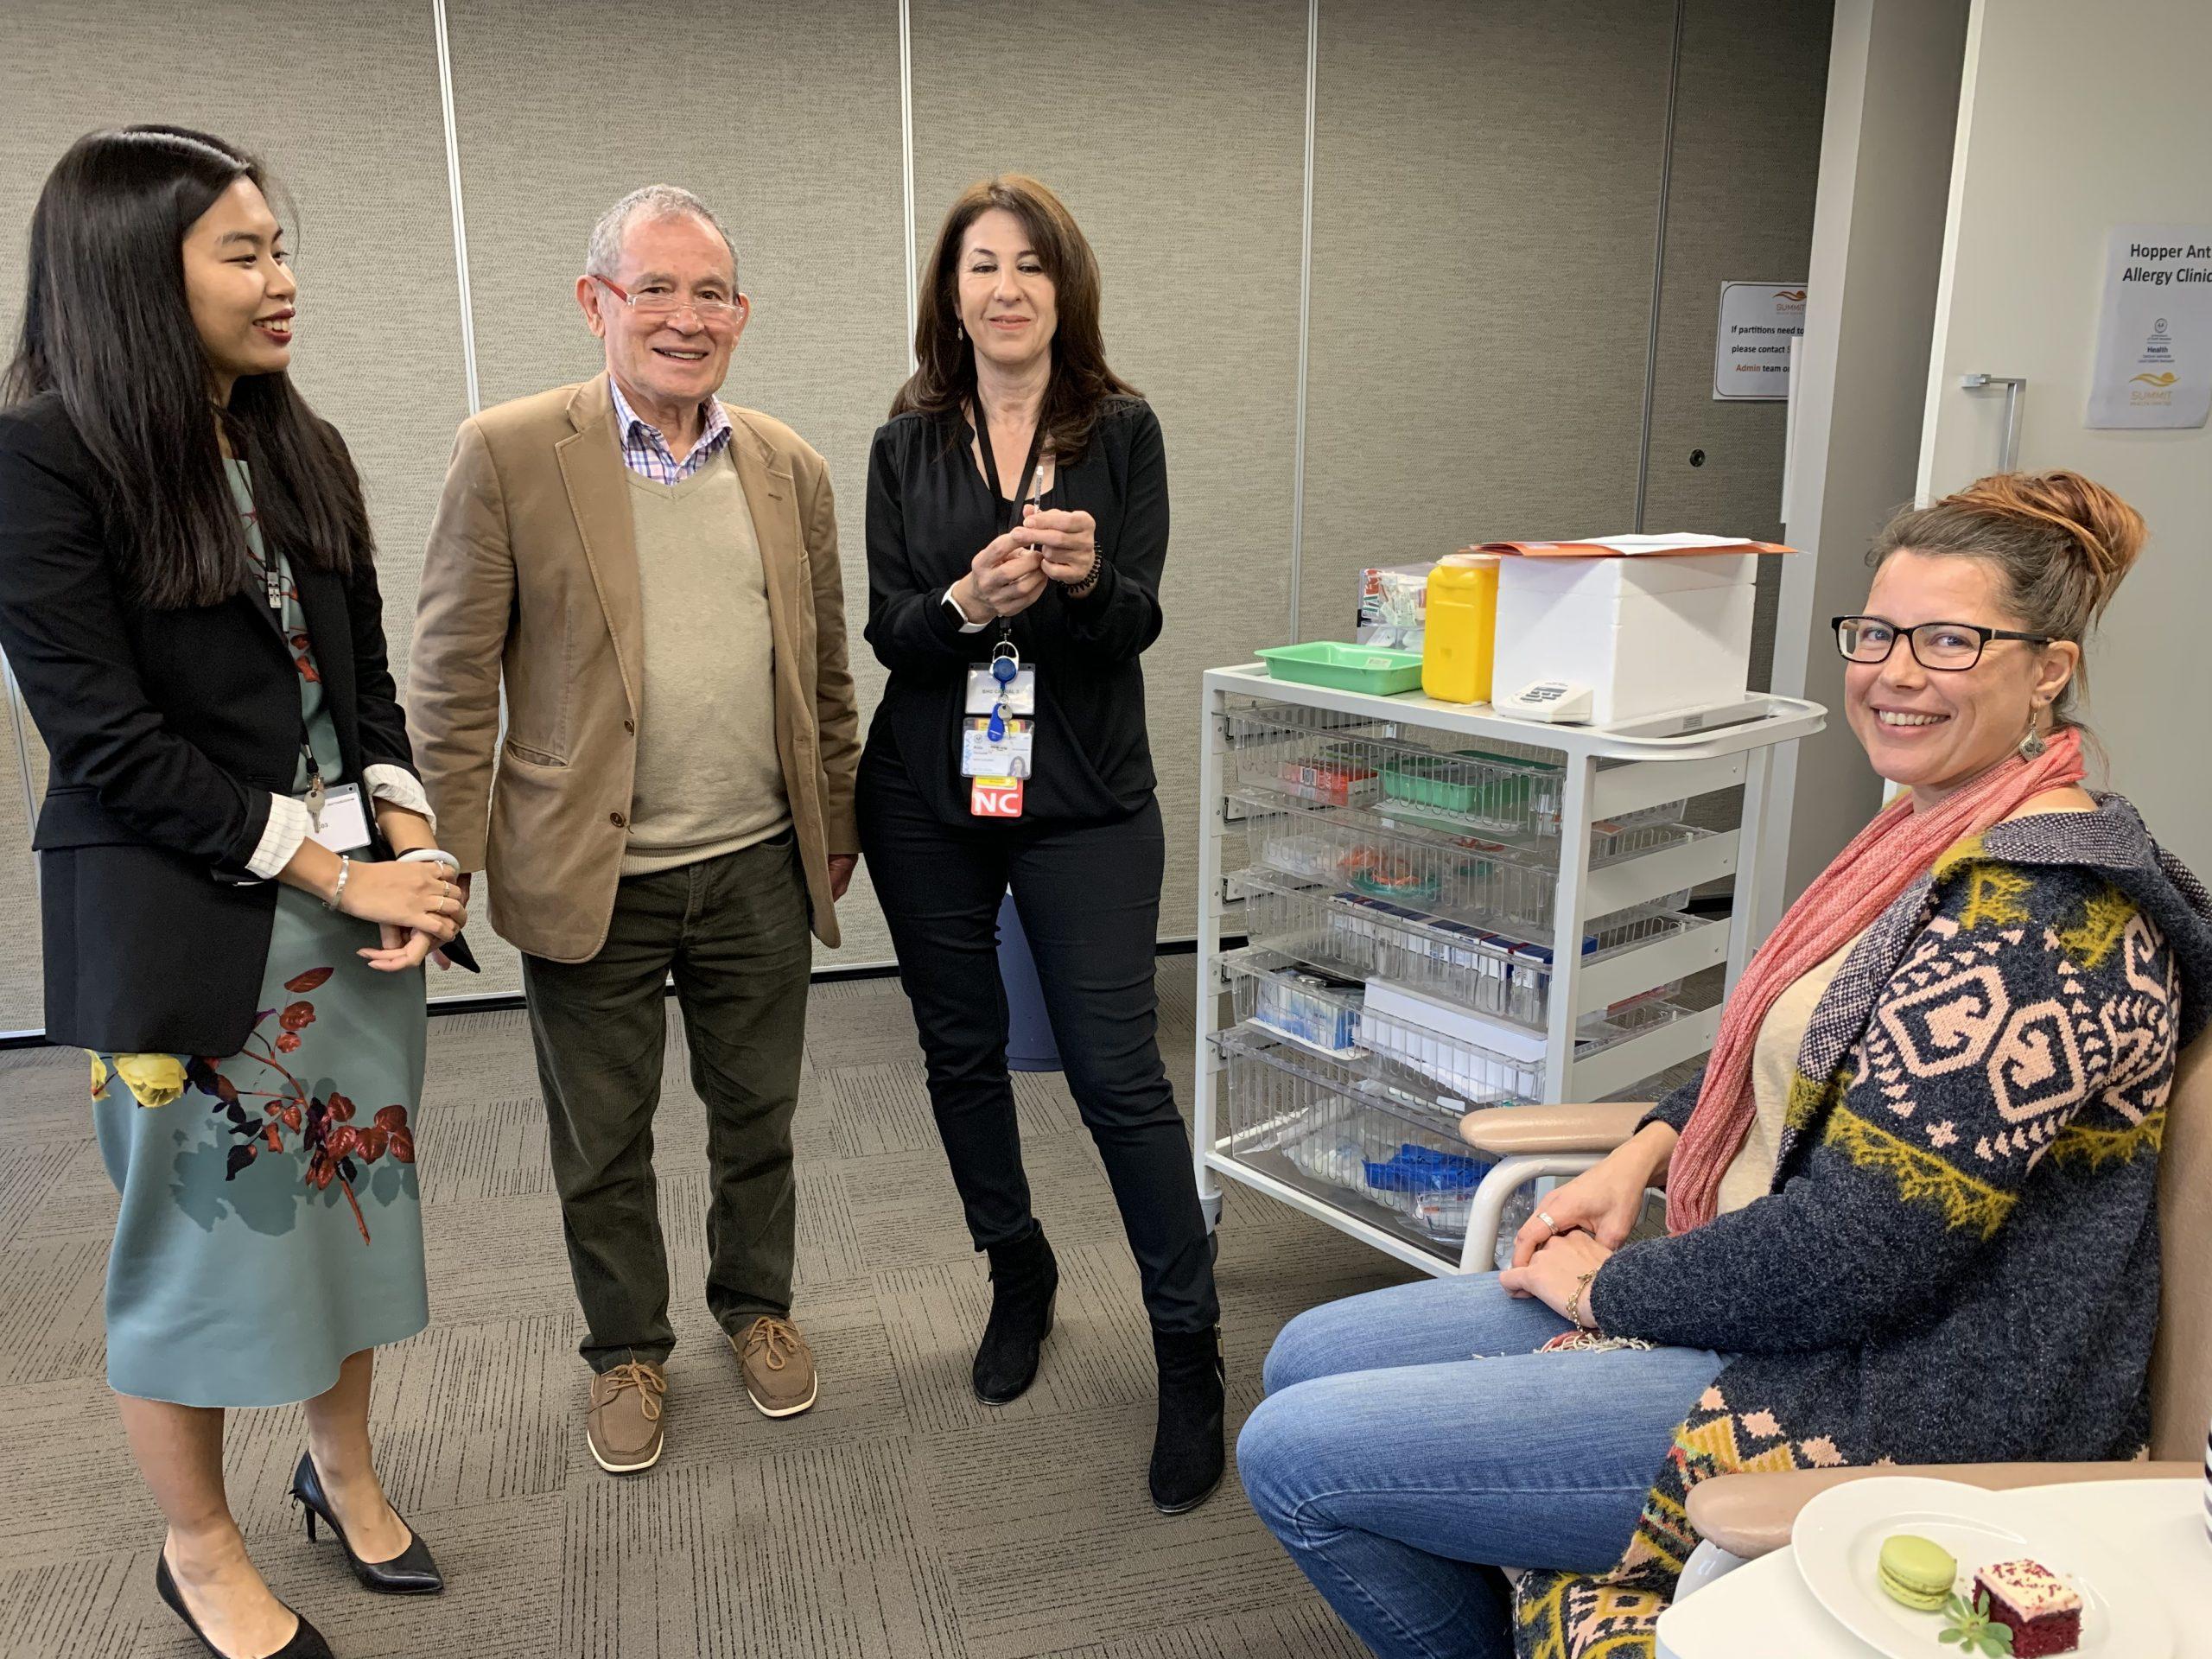 New hopper ant allergy clinic opens in Mount Barker